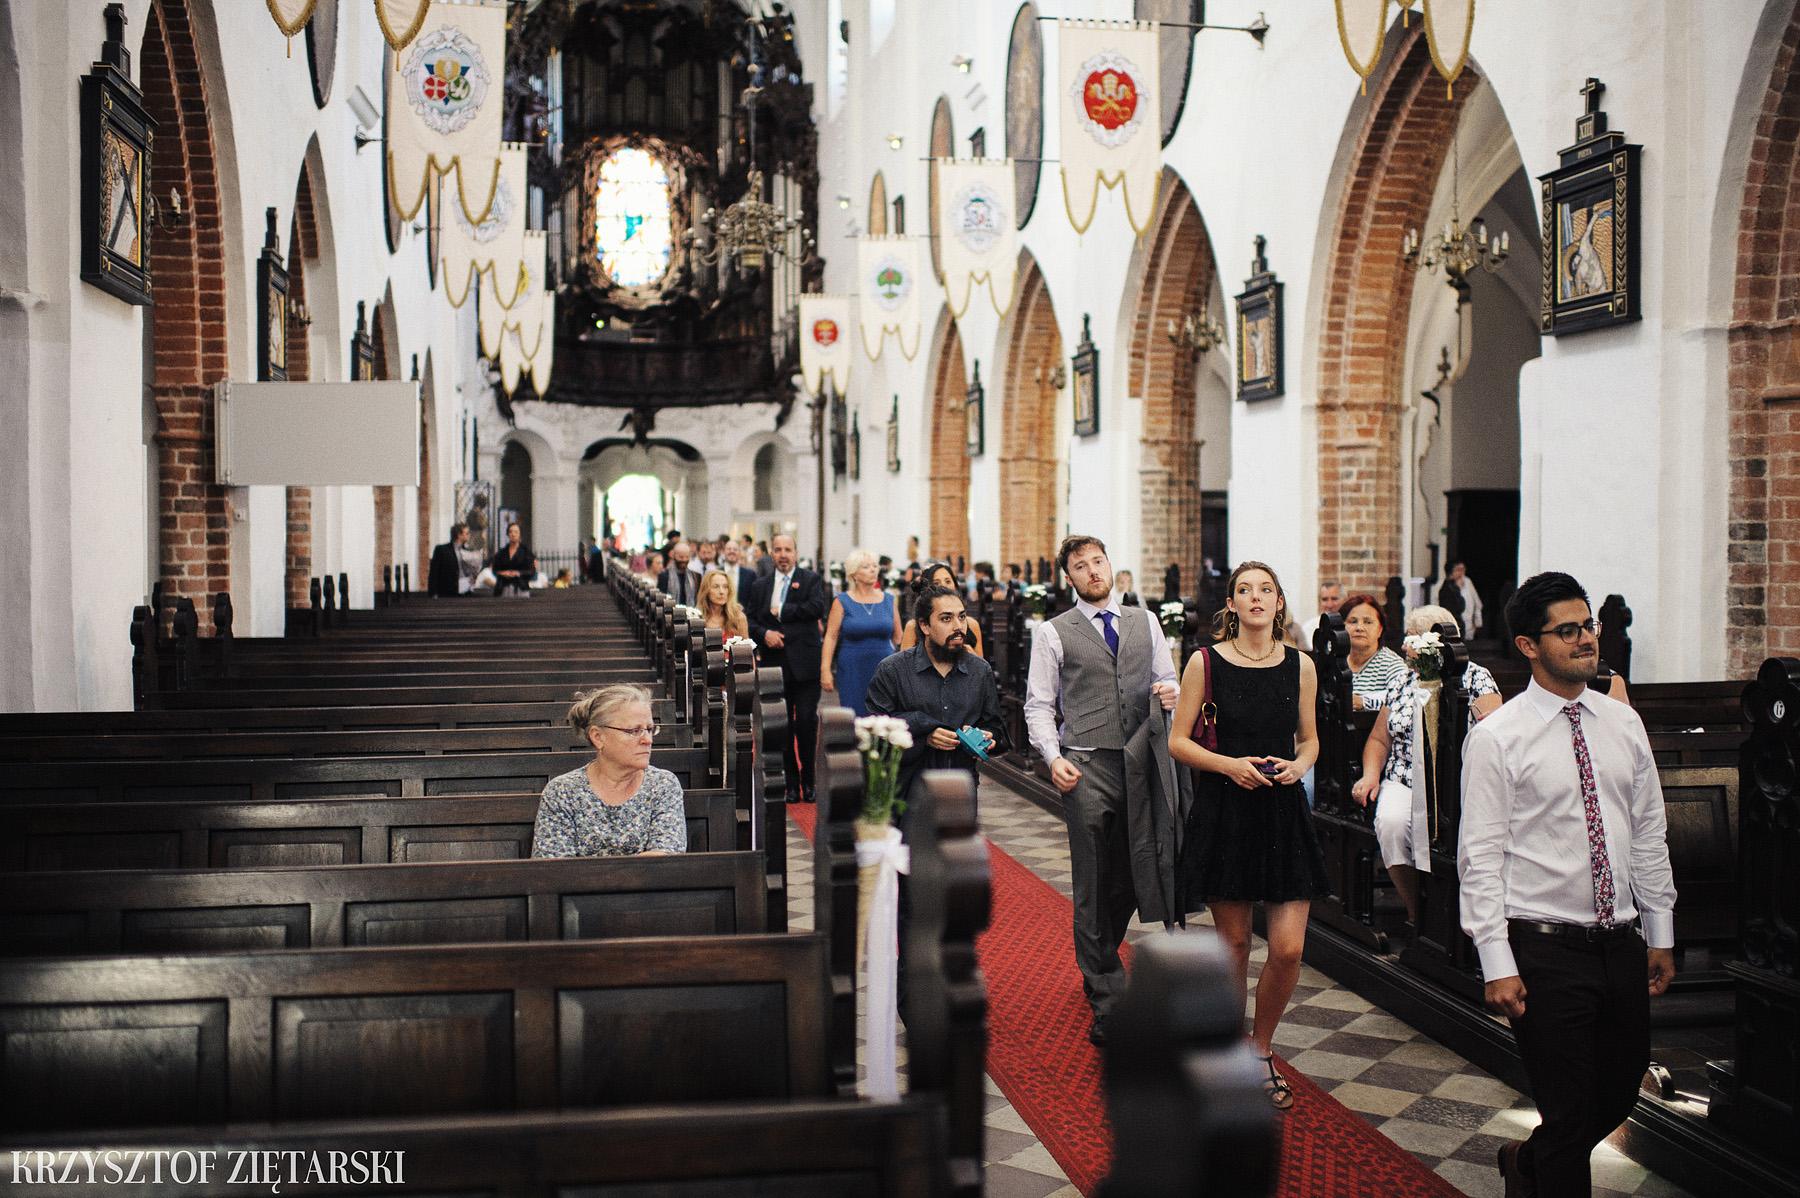 Marysia i Ollie - Fotografia ślubna Gdańsk, Katedra Oliwska, wesele Hotel Mera Sopot, plener Gdynia Orłowo - 9.